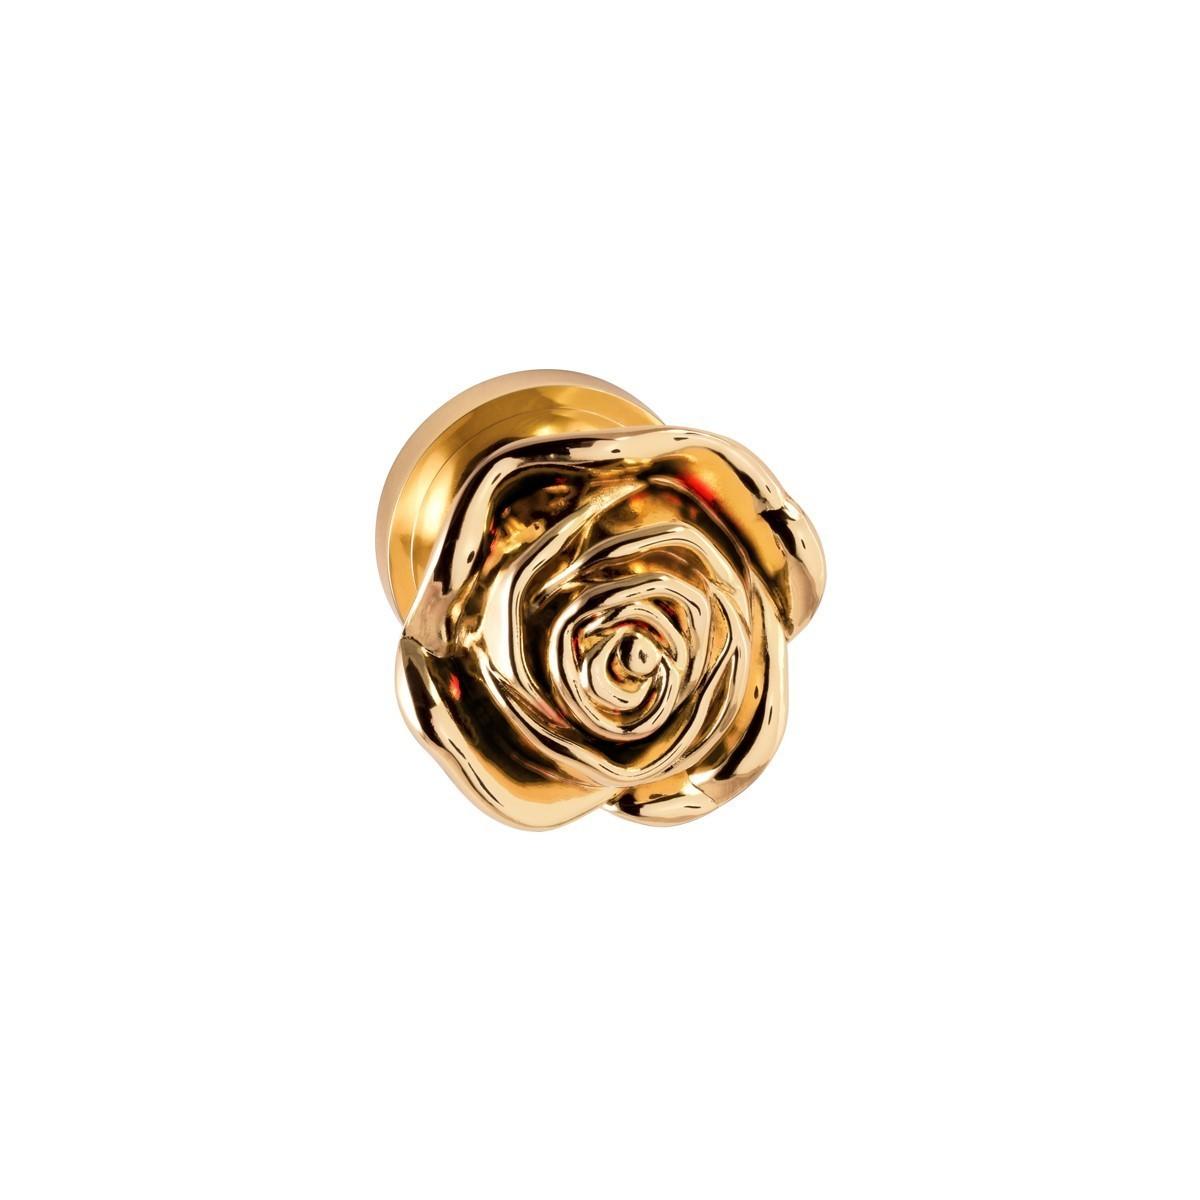 دستگیره درب با طرح گل رز